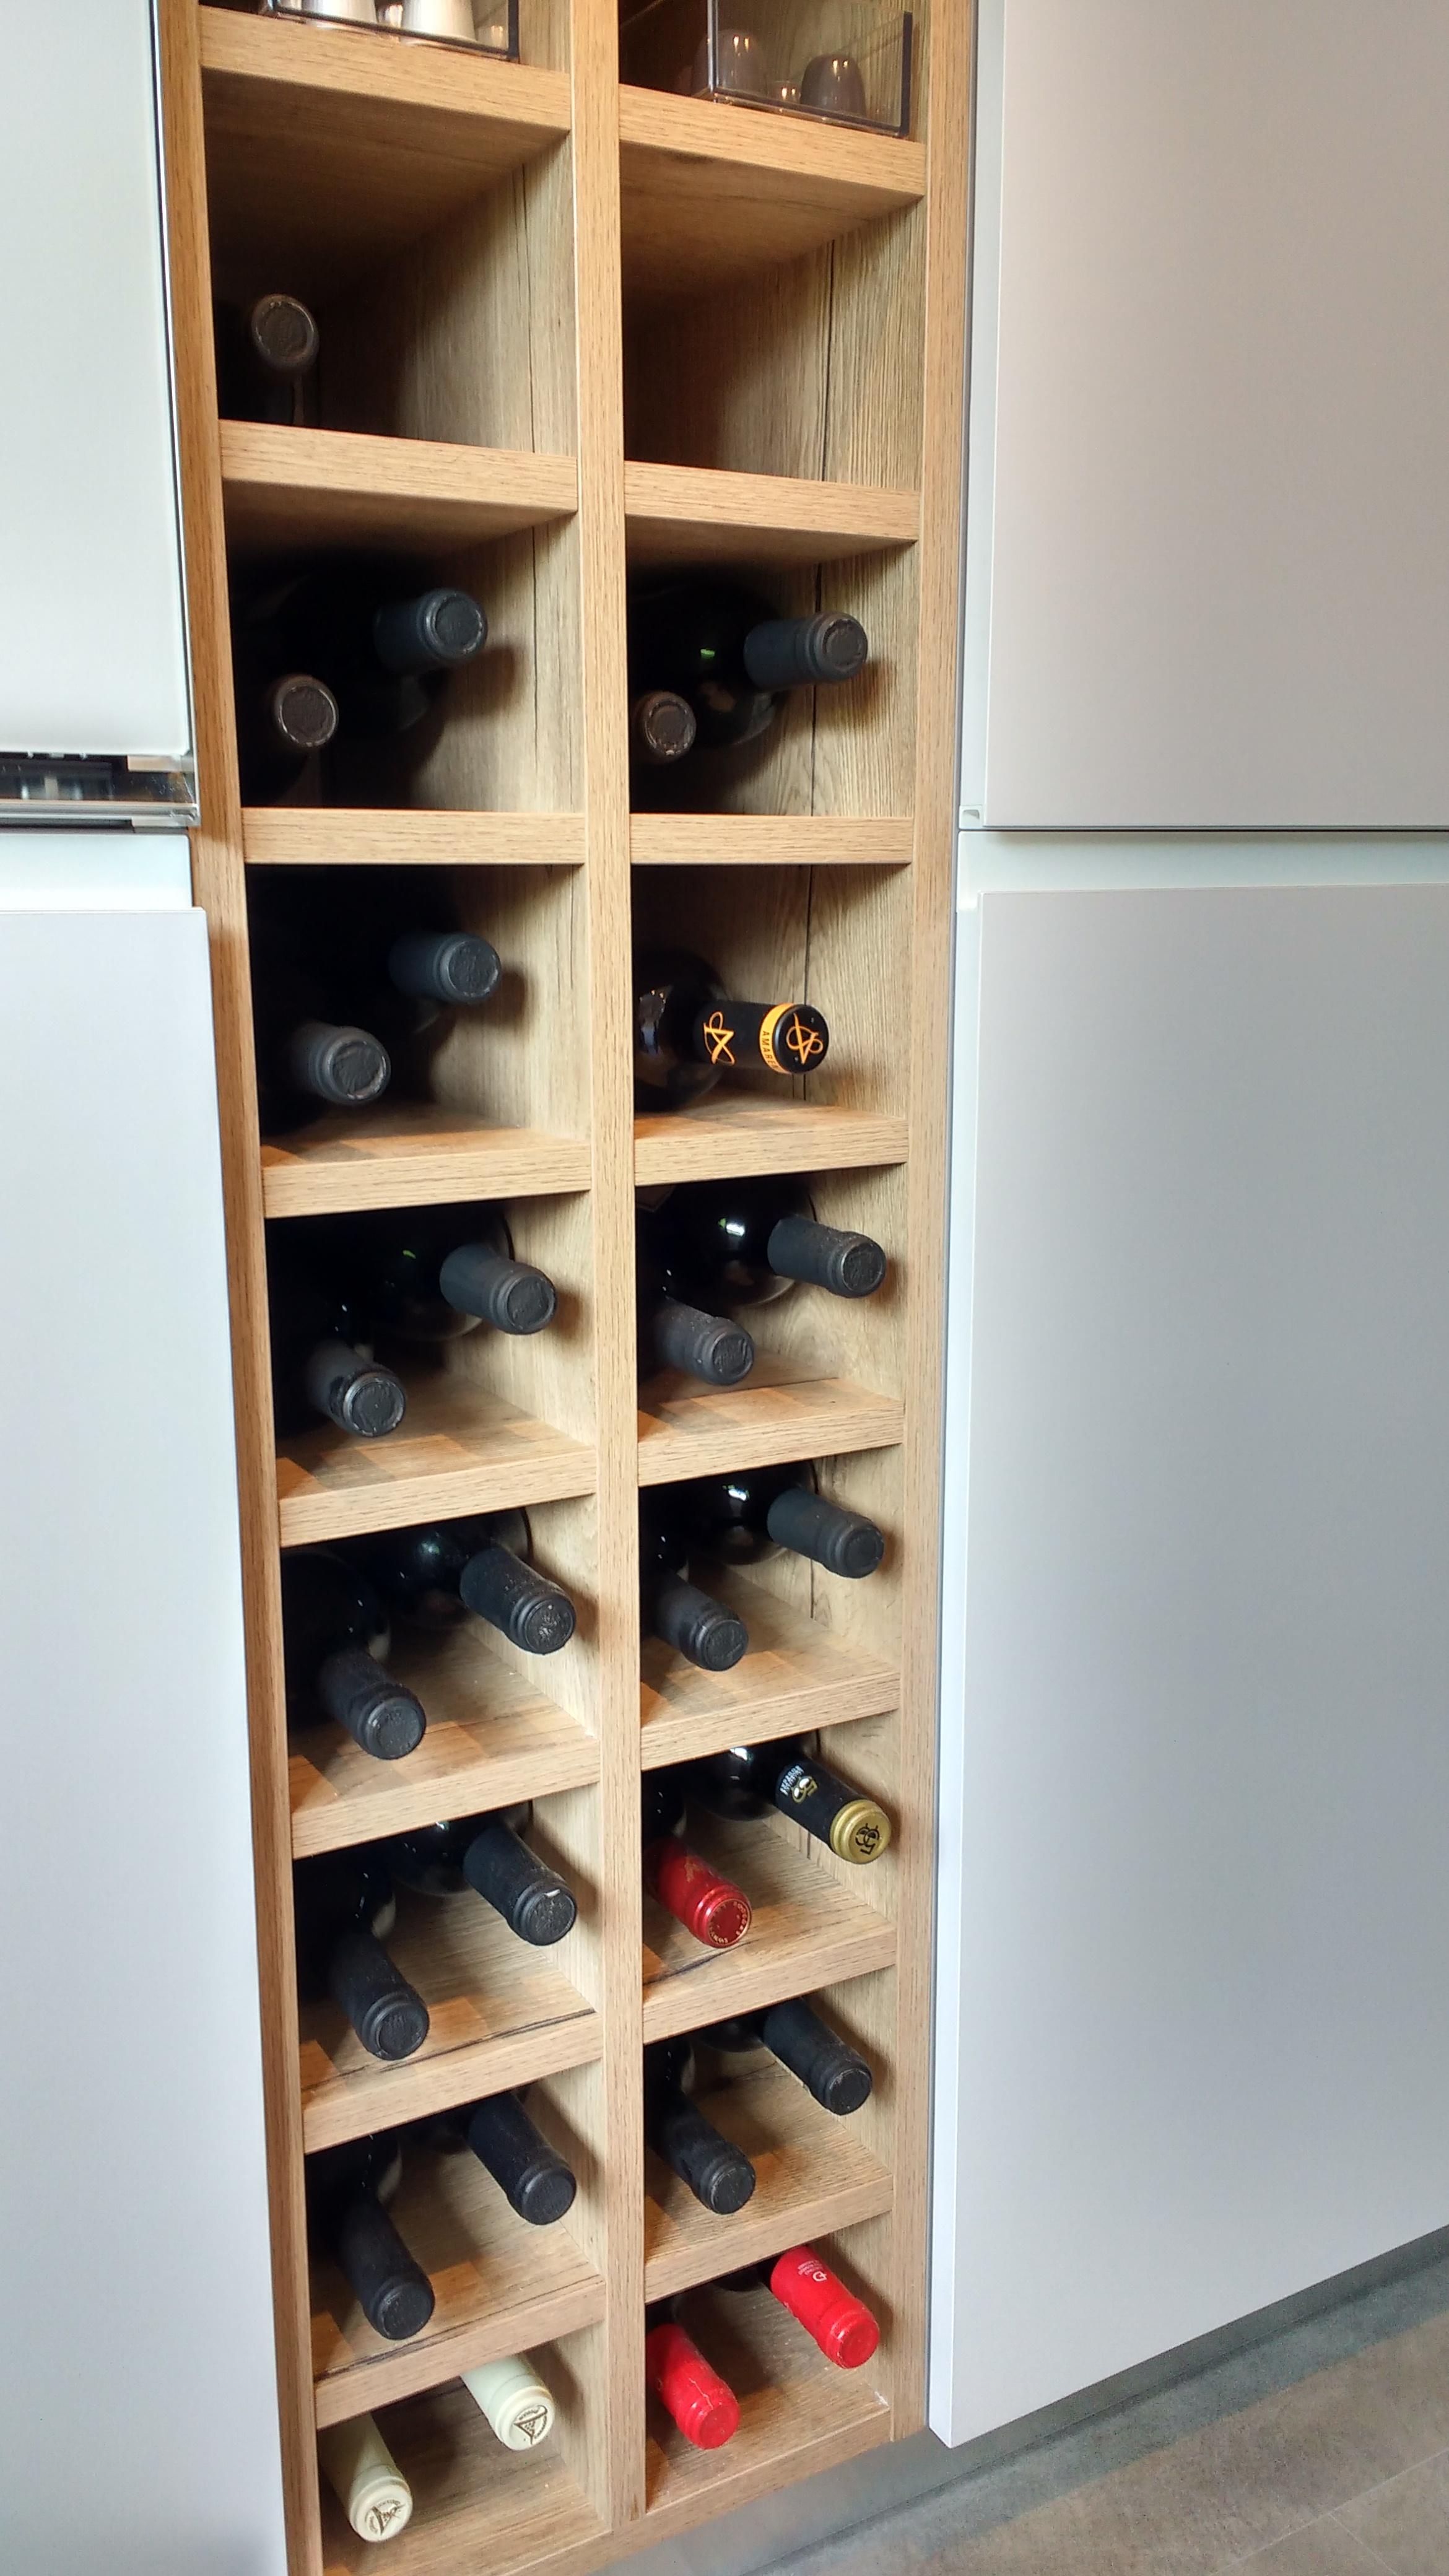 Reforma de cocina Berio: botellero